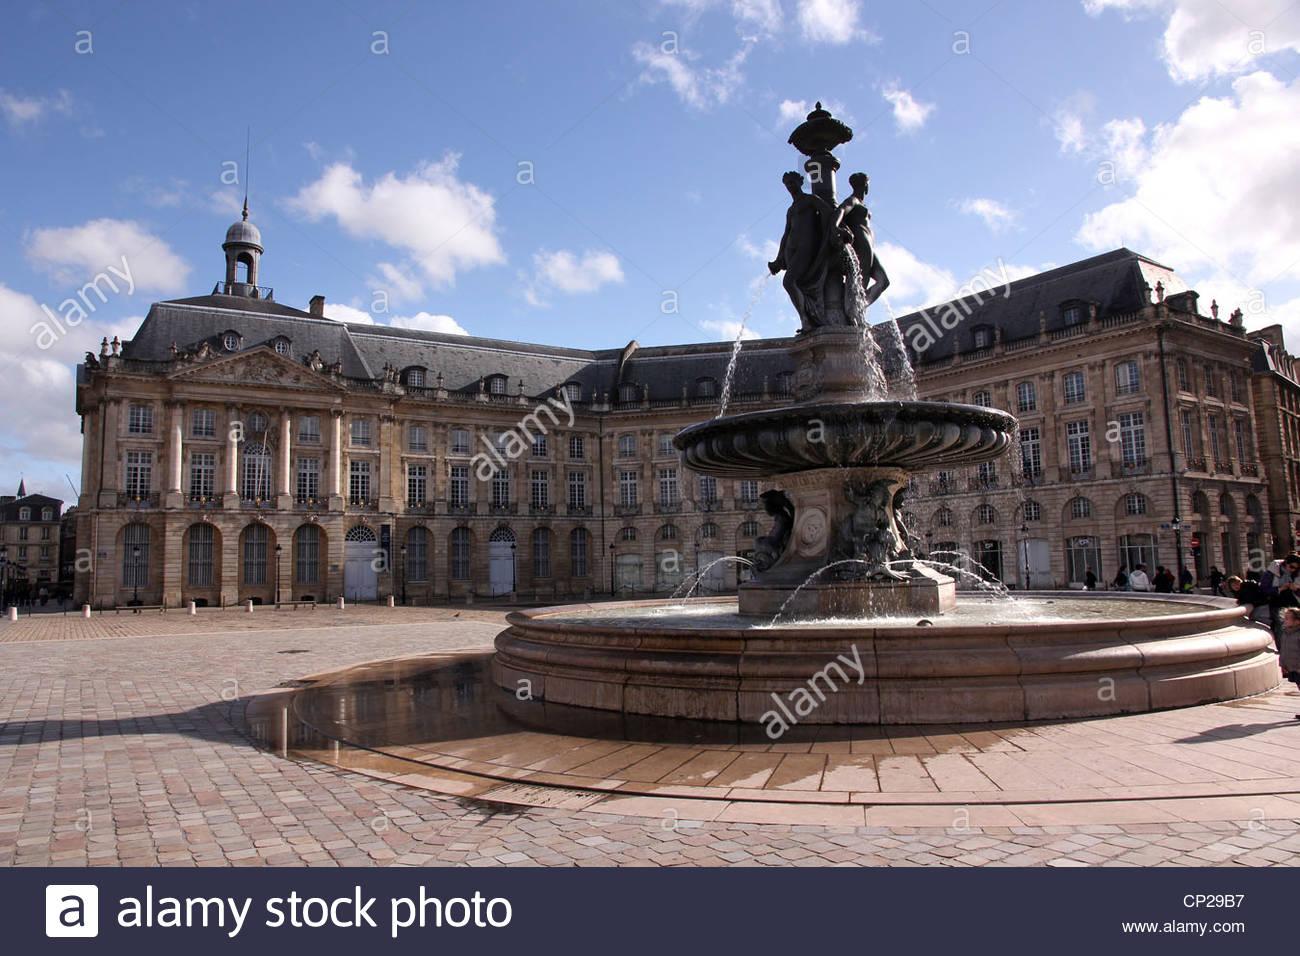 Fountain and commerce buildings, Place de la Bourse, Bordeaux, France - Stock Image